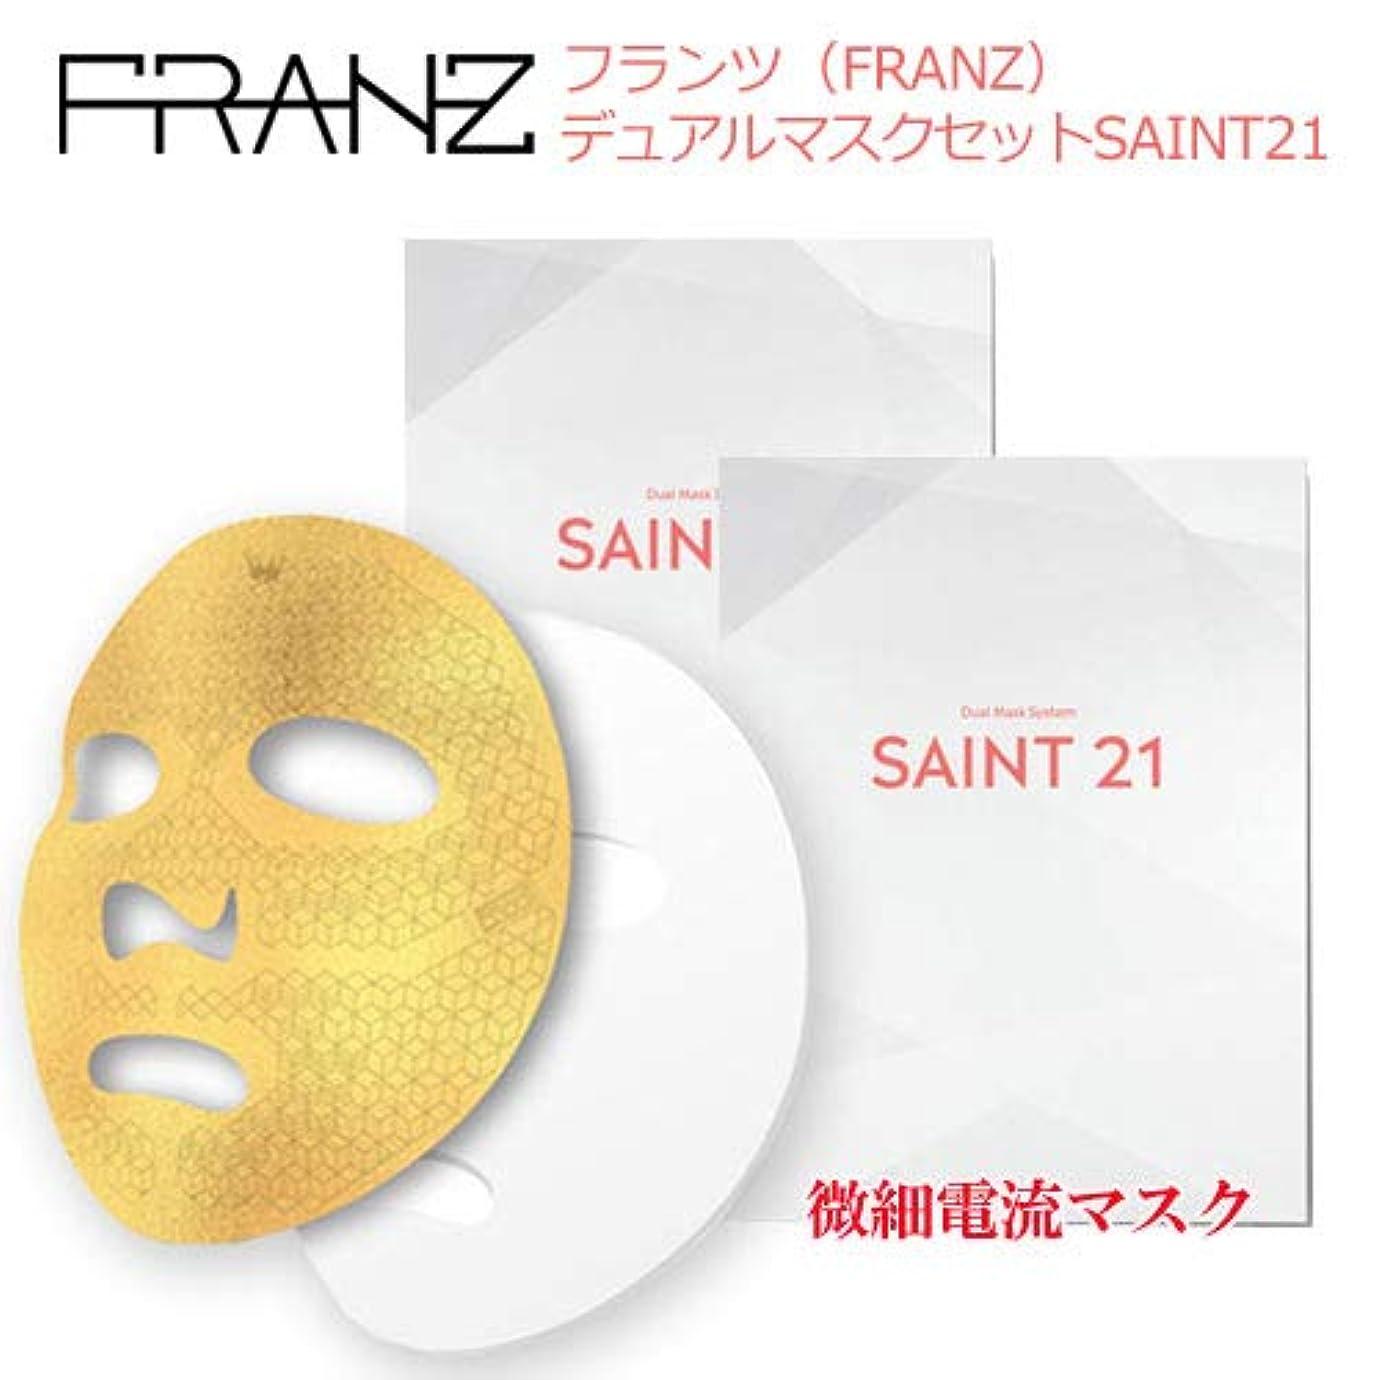 イブニング能力ハロウィンフランツ(FRANZ)SAINT21,デュアルゴールドマスク 1箱(2枚入)×2箱セット微細電流マスク、ヒト幹細胞培養美容液 フェイスマスク シートパック